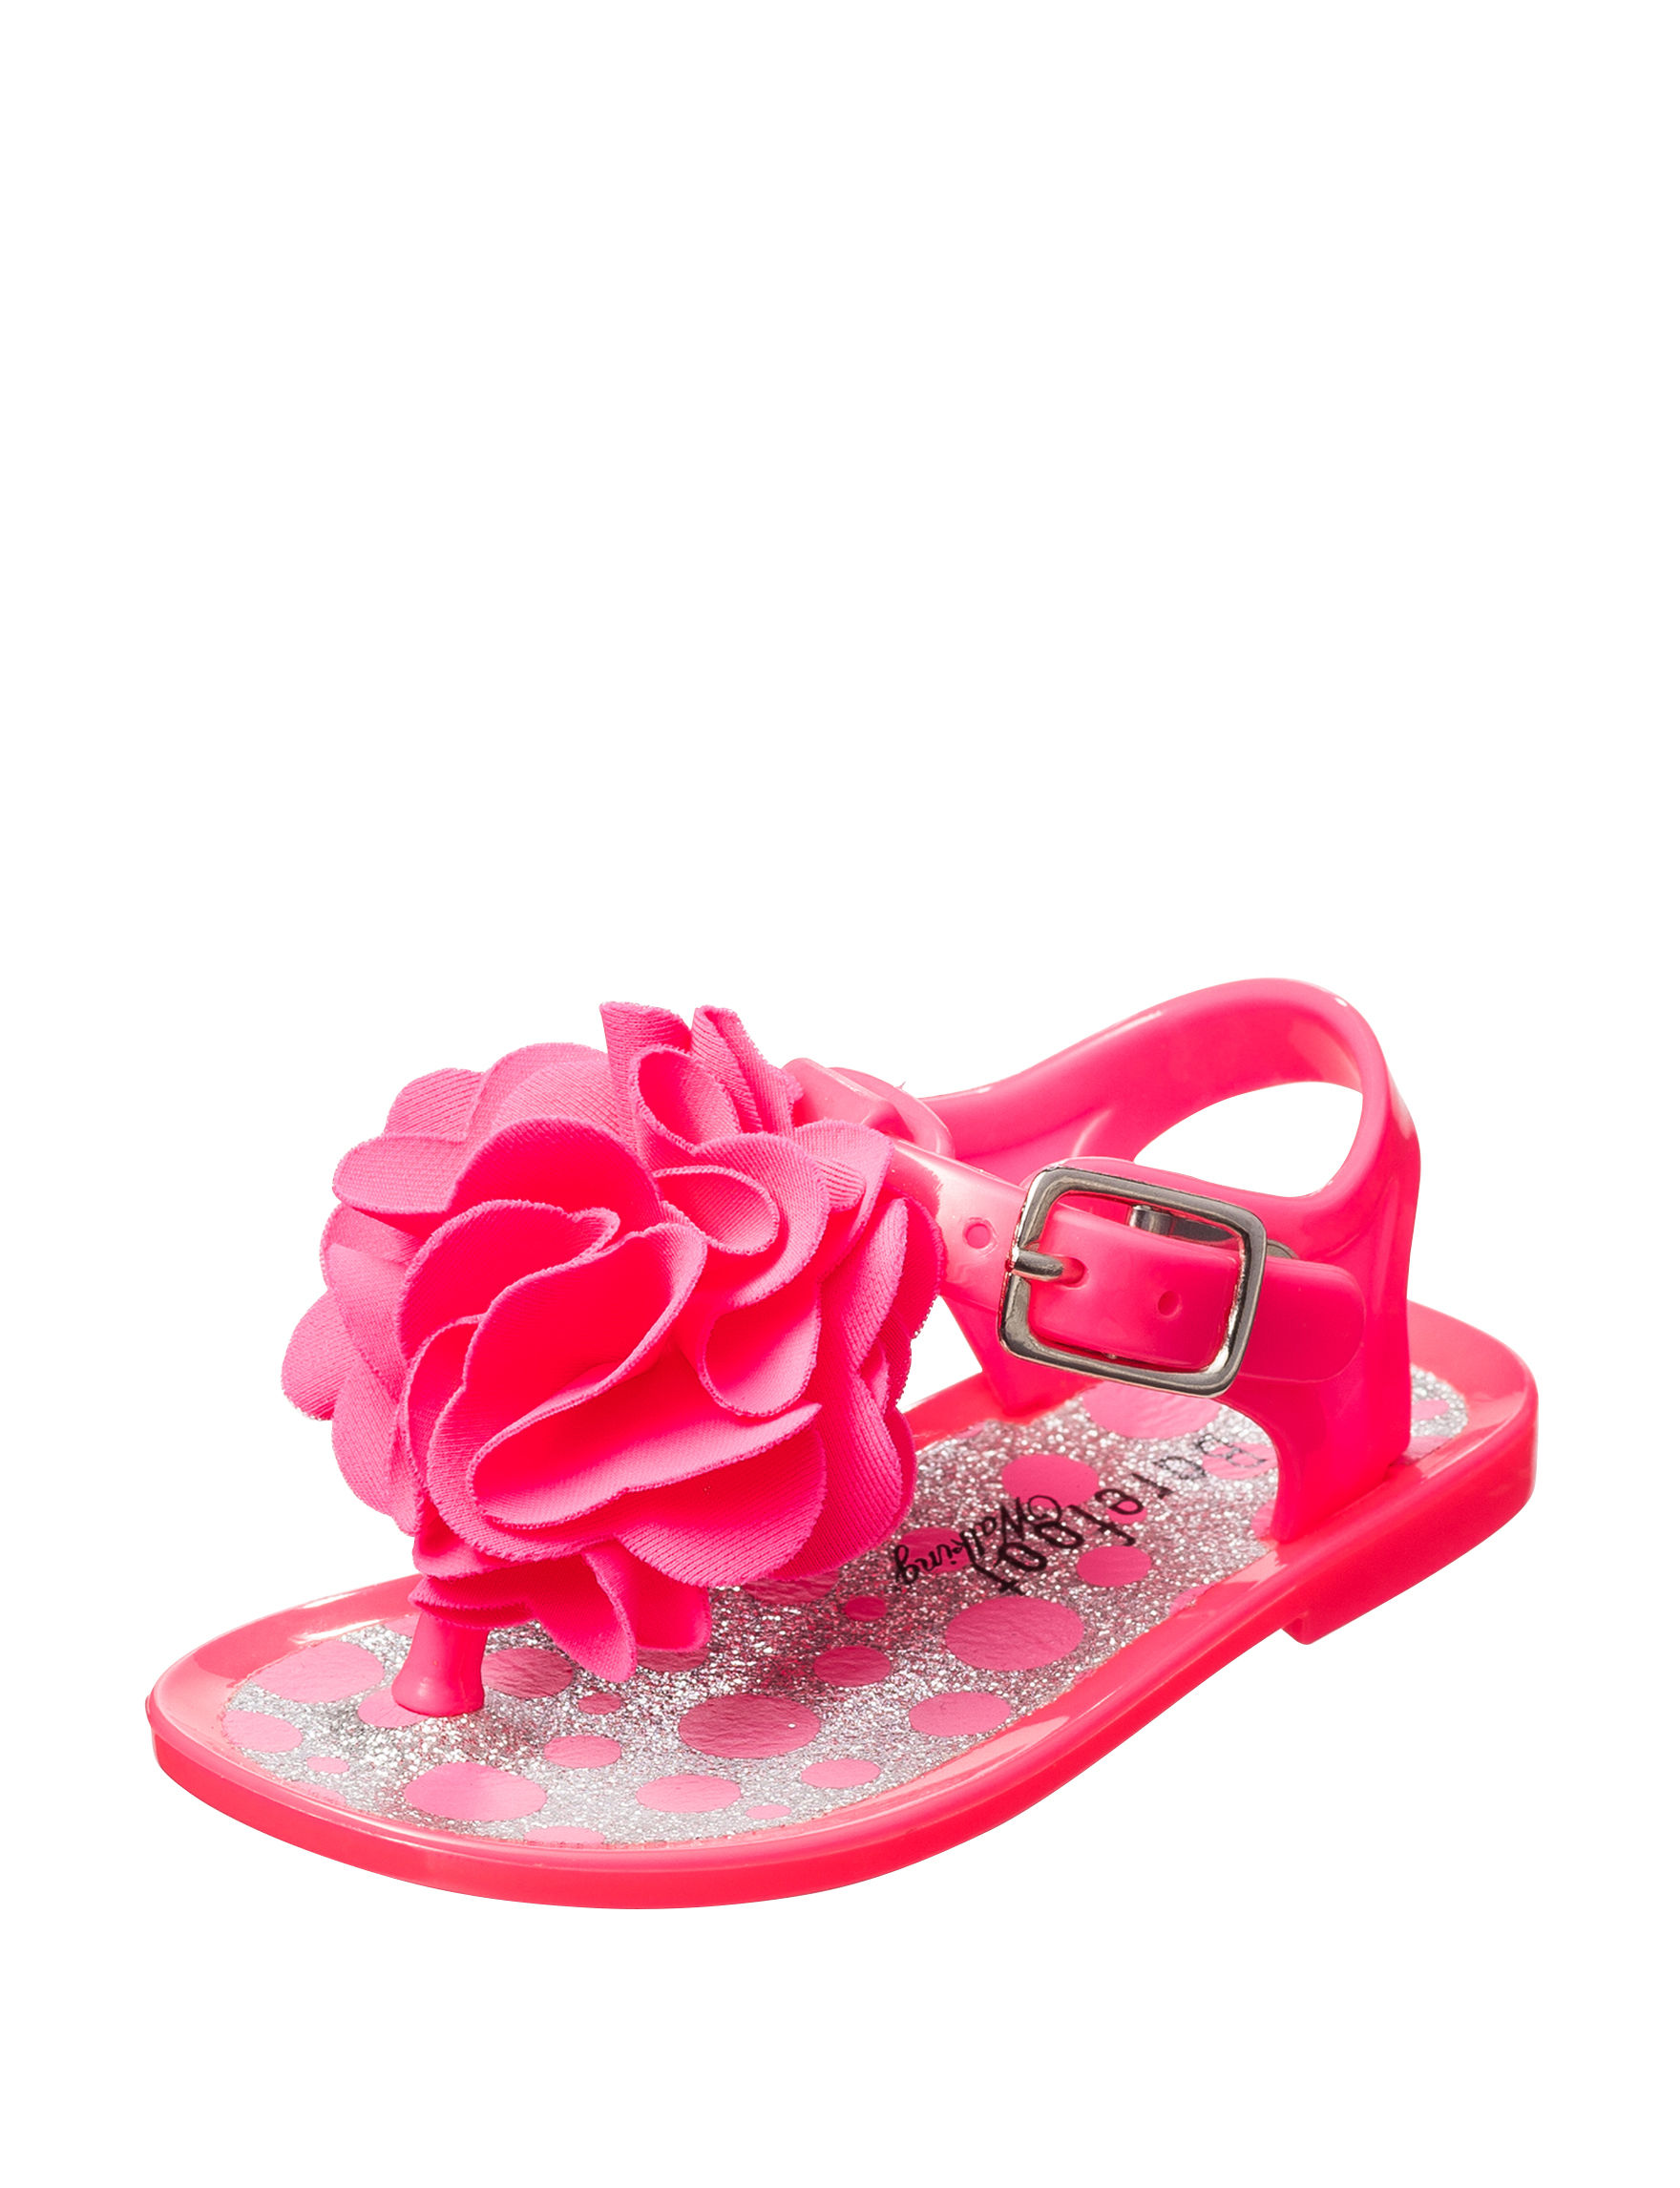 Barefoot Walking Pink